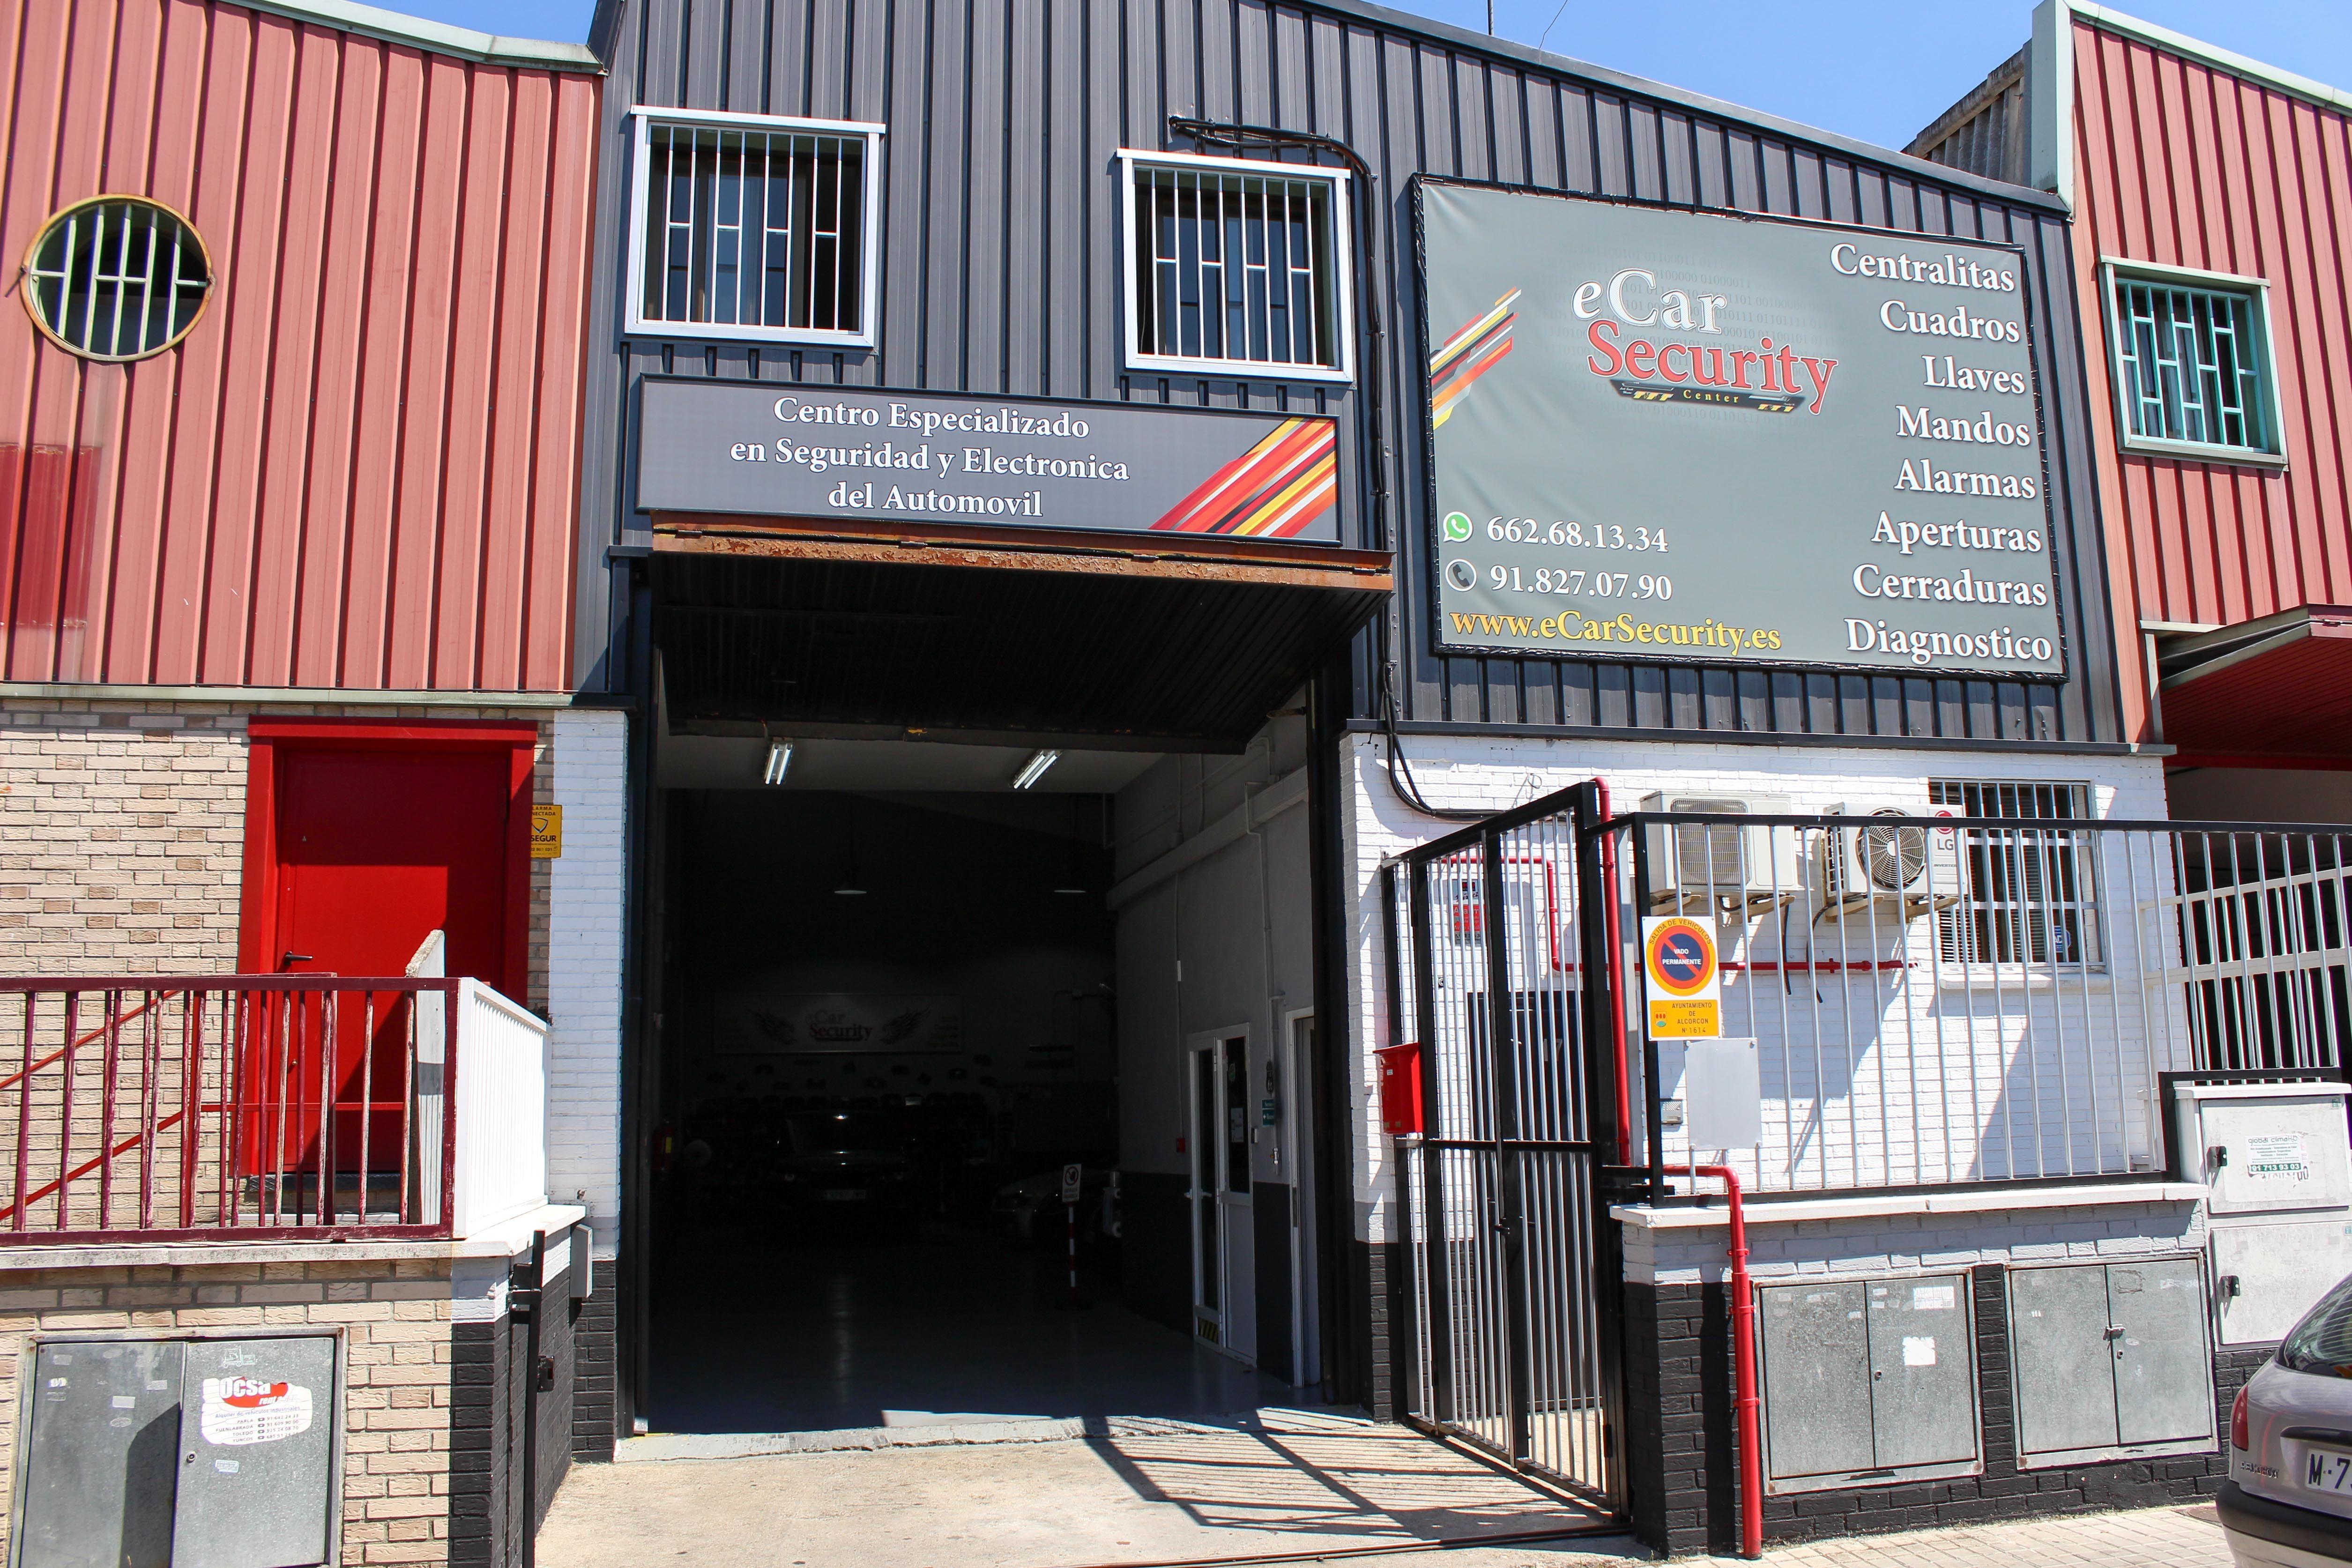 Foto 14 de Cerrajería del automóvil en Alcorcón   eCarSecurity